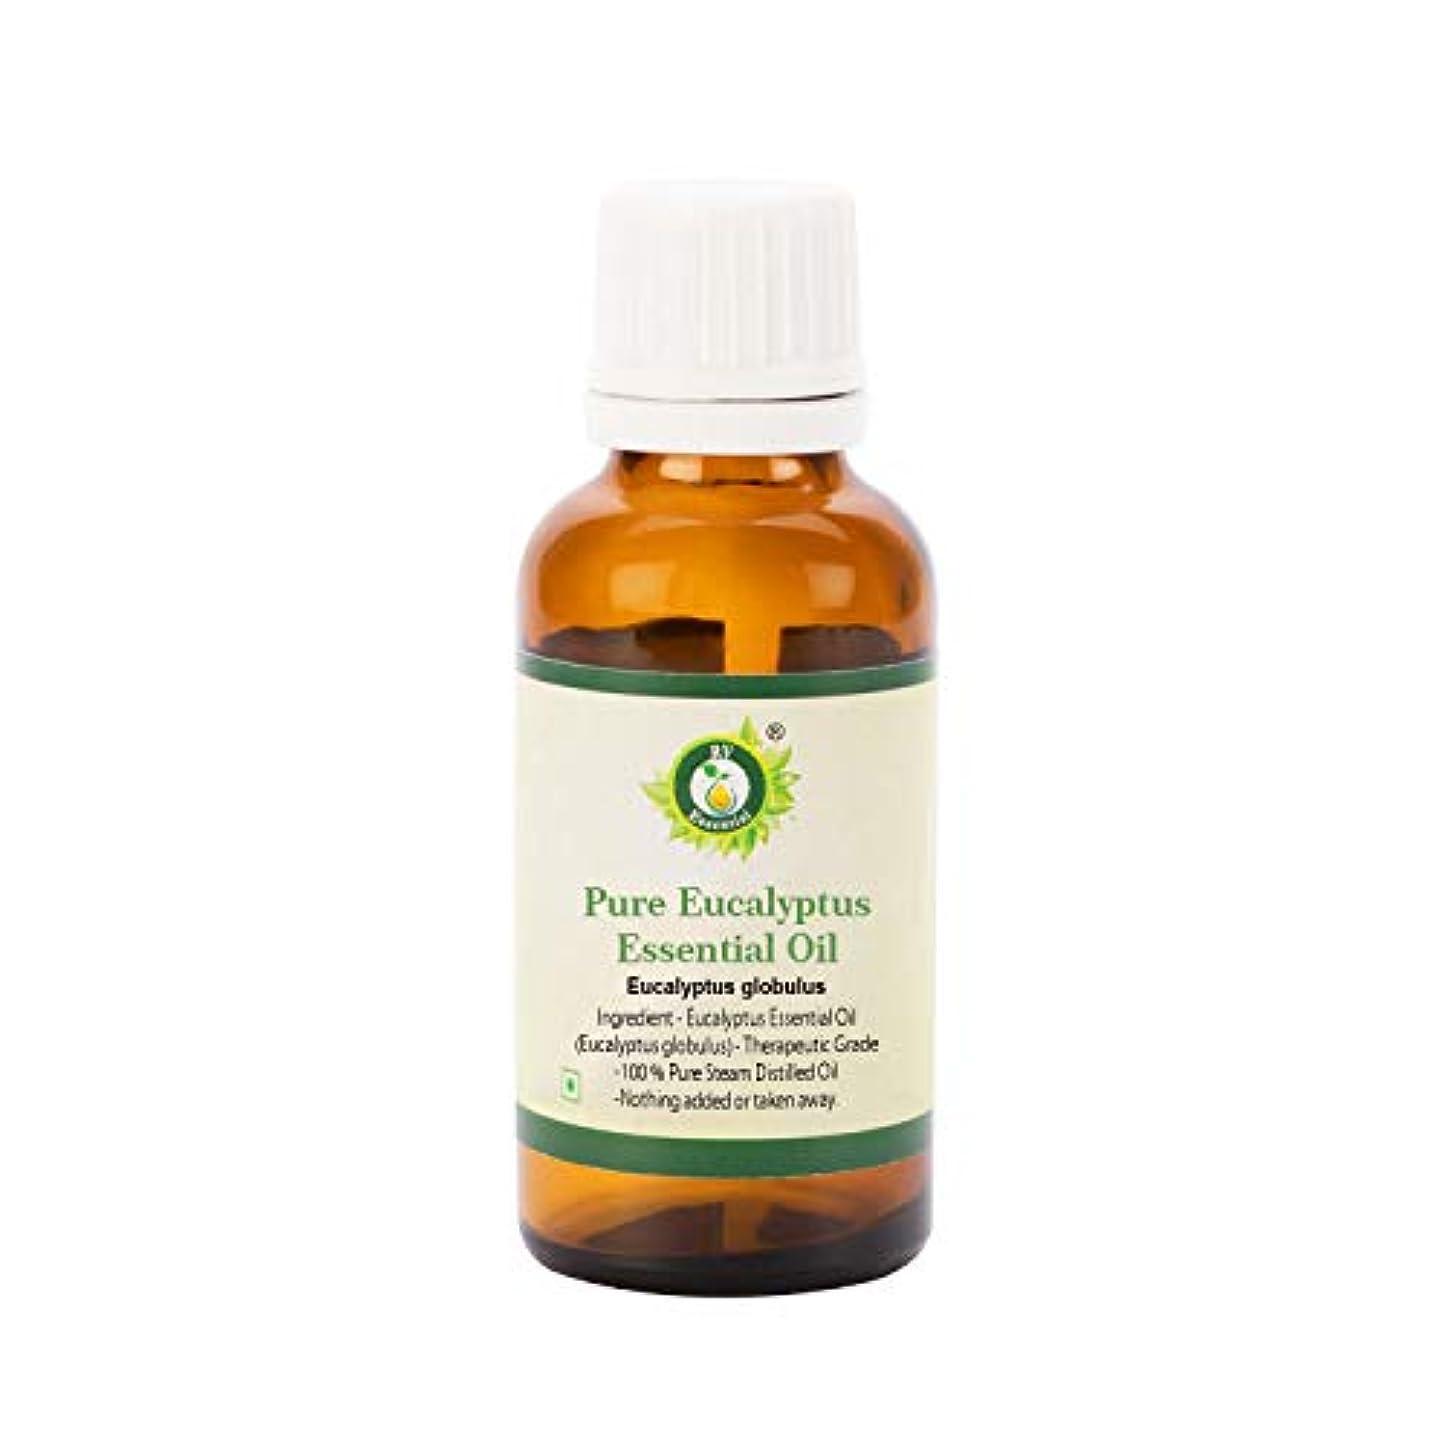 重なる予算しないR V Essential ピュアユーカリエッセンシャルオイル100ml (3.38oz)- Eucalyptus globulus (100%純粋&天然スチームDistilled) Pure Eucalyptus Essential...